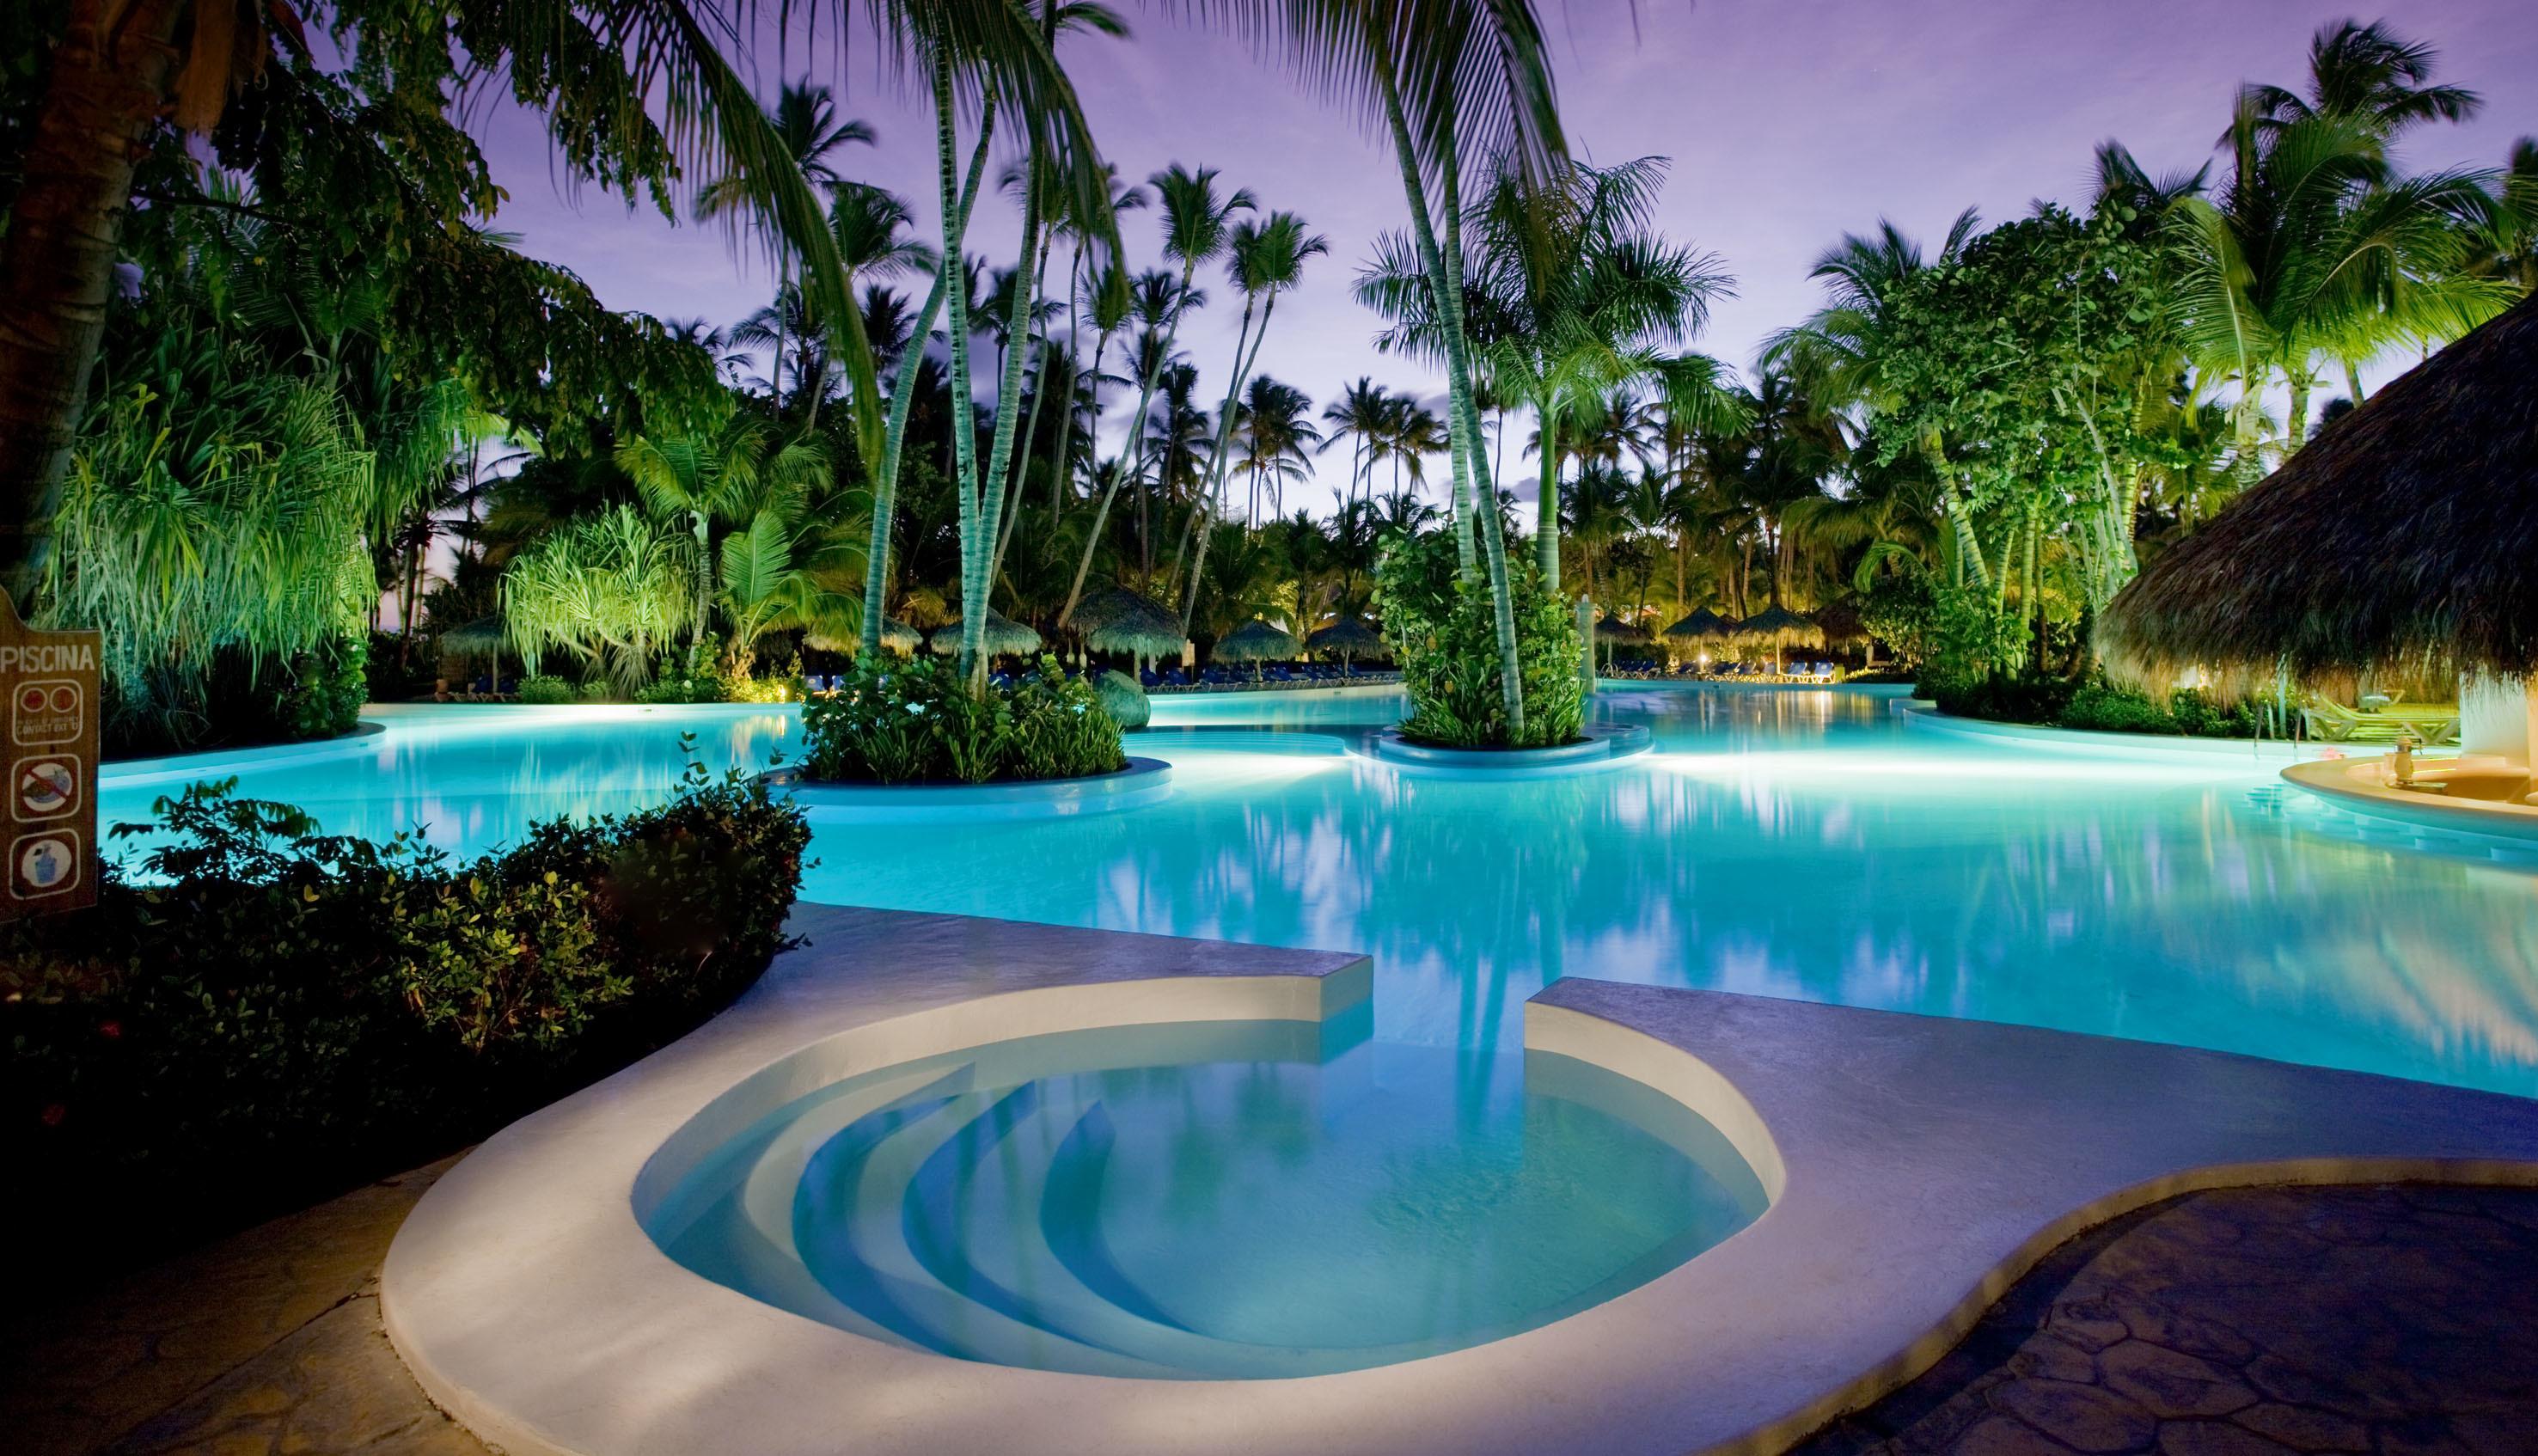 Отель апартаменты пальмы  № 3705555 бесплатно